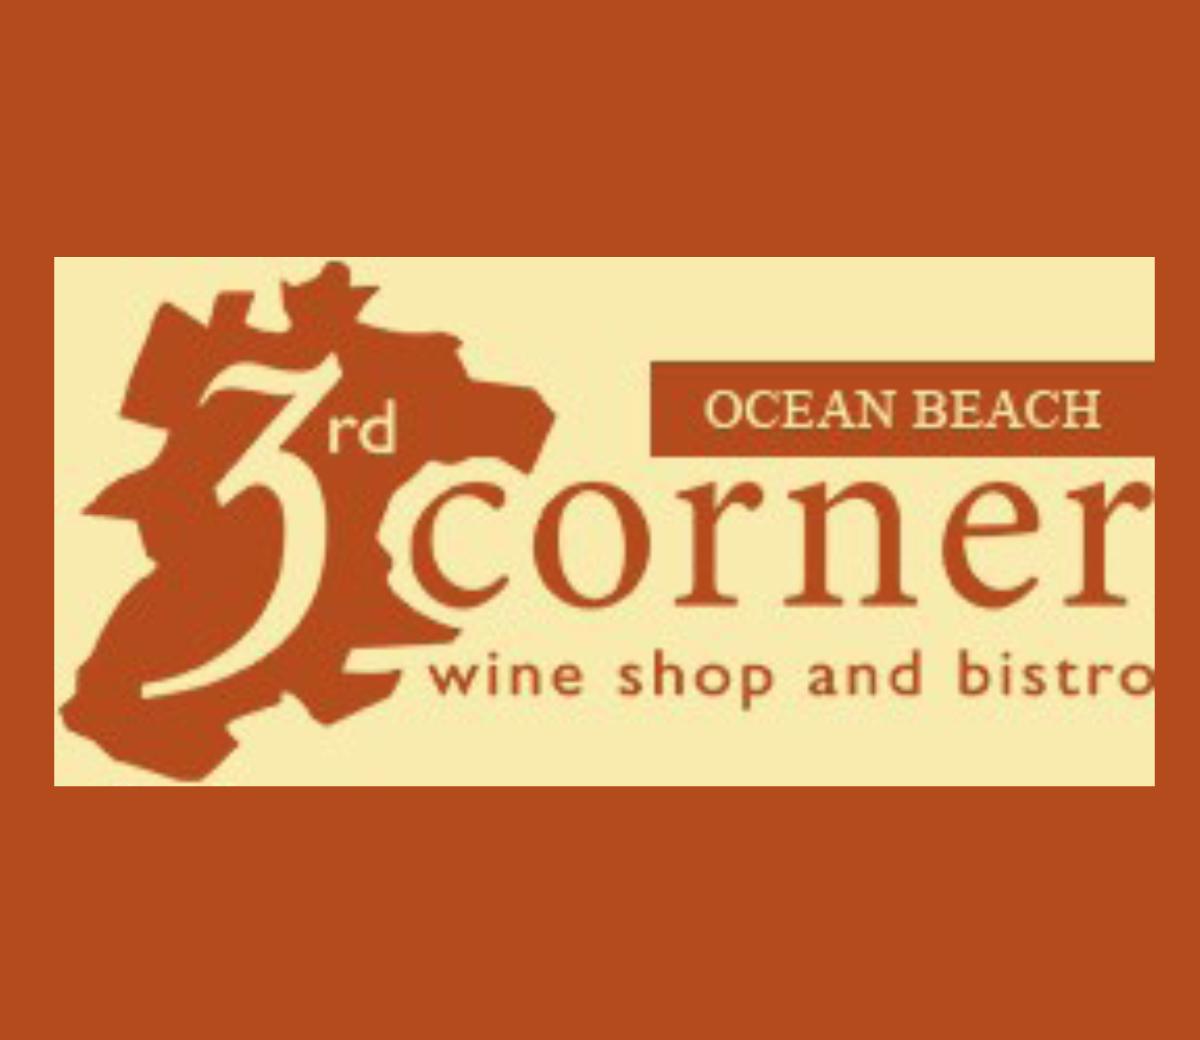 The 3rd Corner Ocean Beach